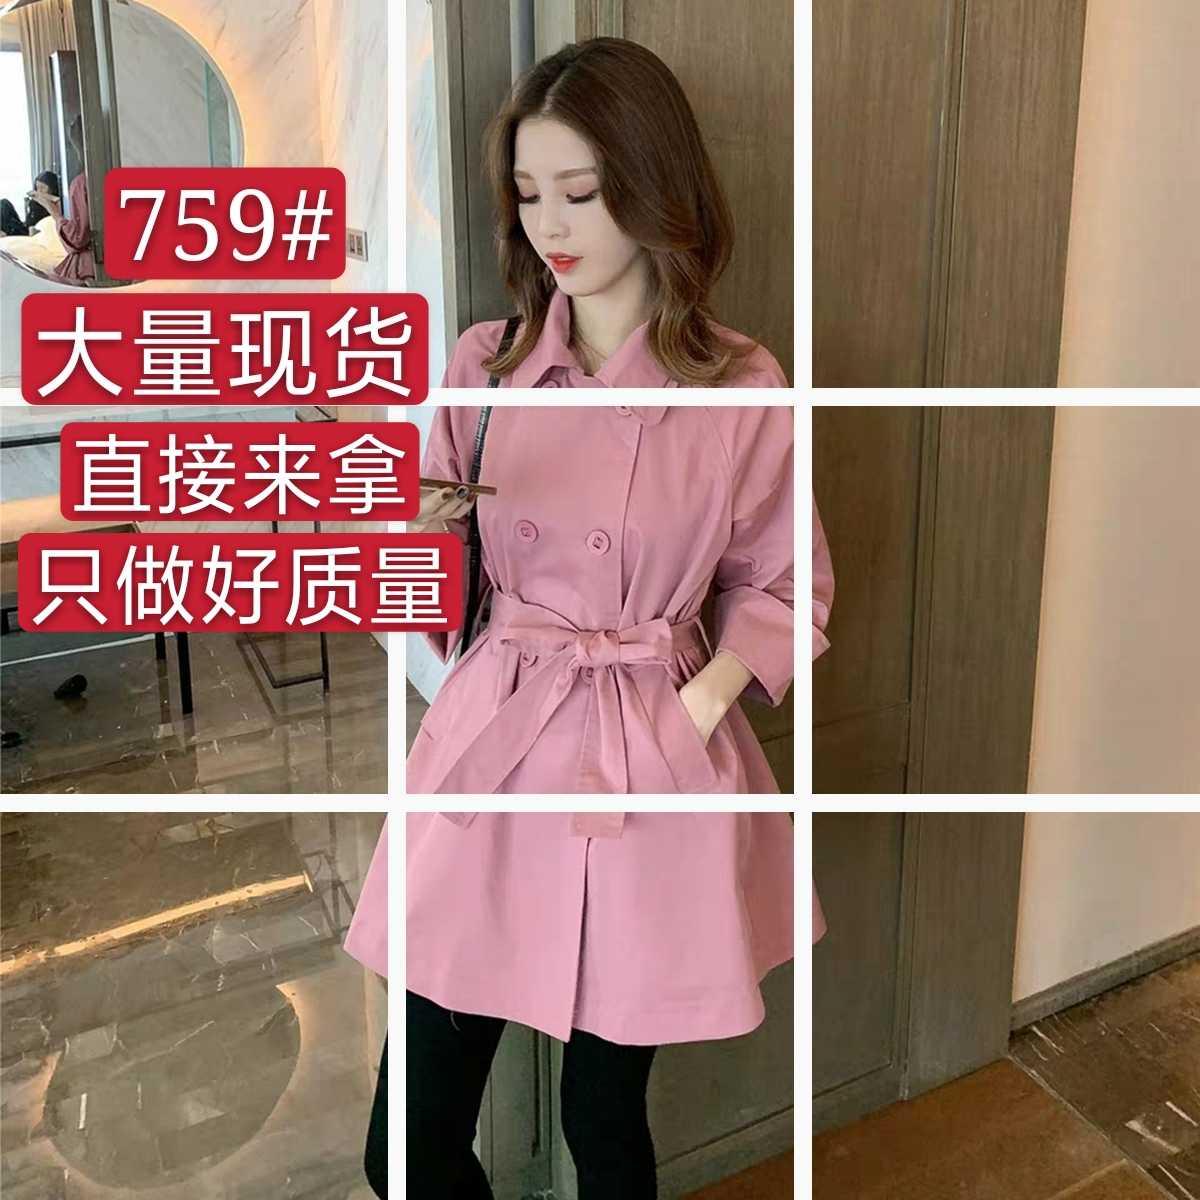 9.16新品 0点上新韩版翻领双排扣系带小个子风衣外套E9310-妙妙家-